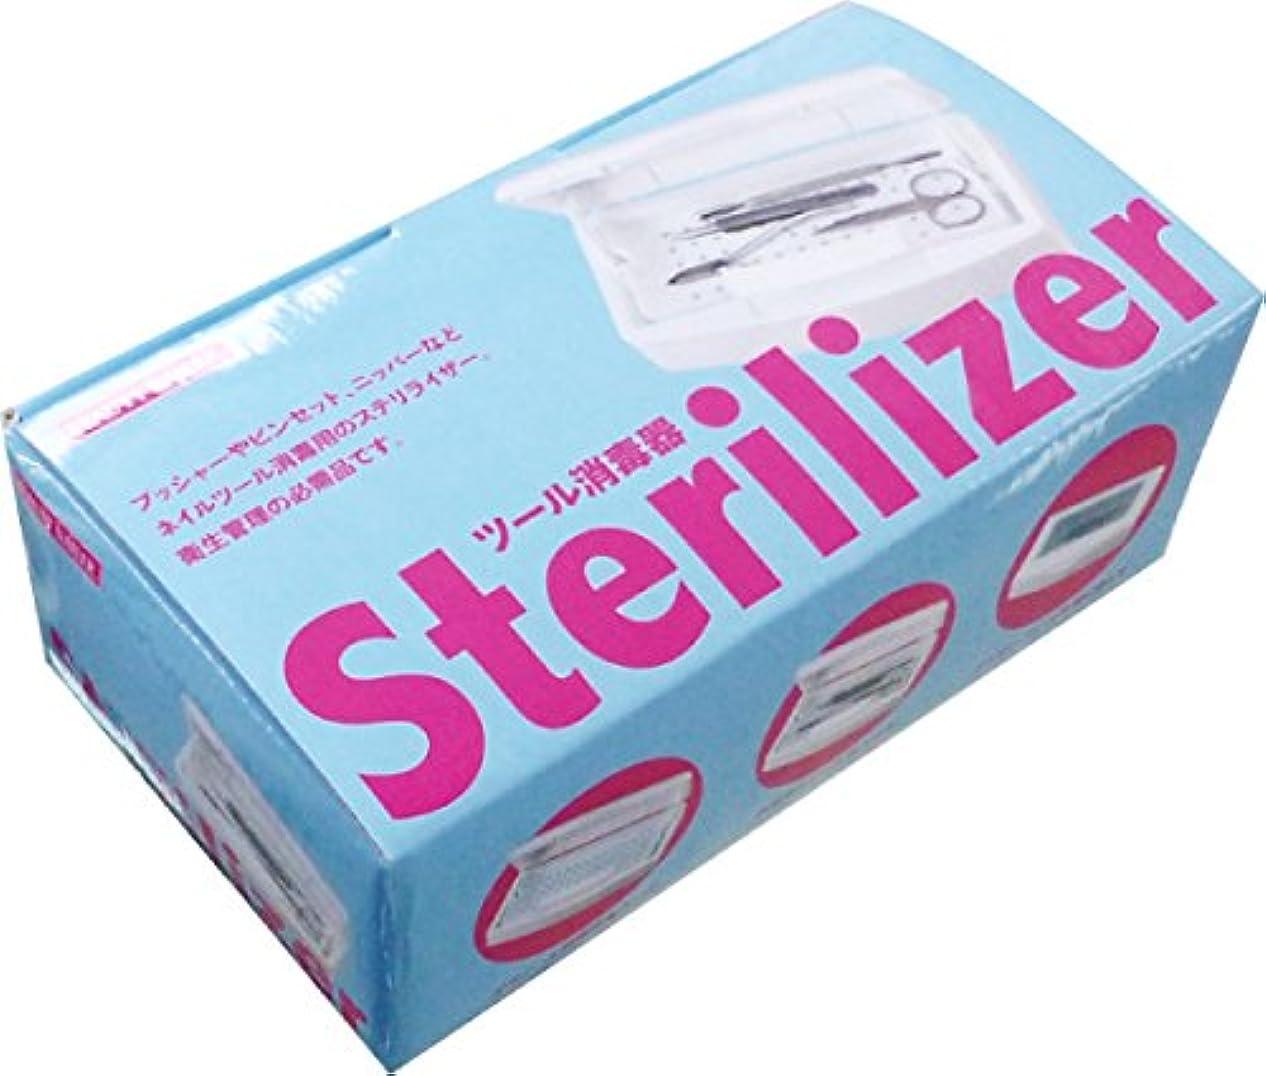 バイオレットちっちゃいプラグビューティーネイラー ステリライザー ツール消毒器 STE-1